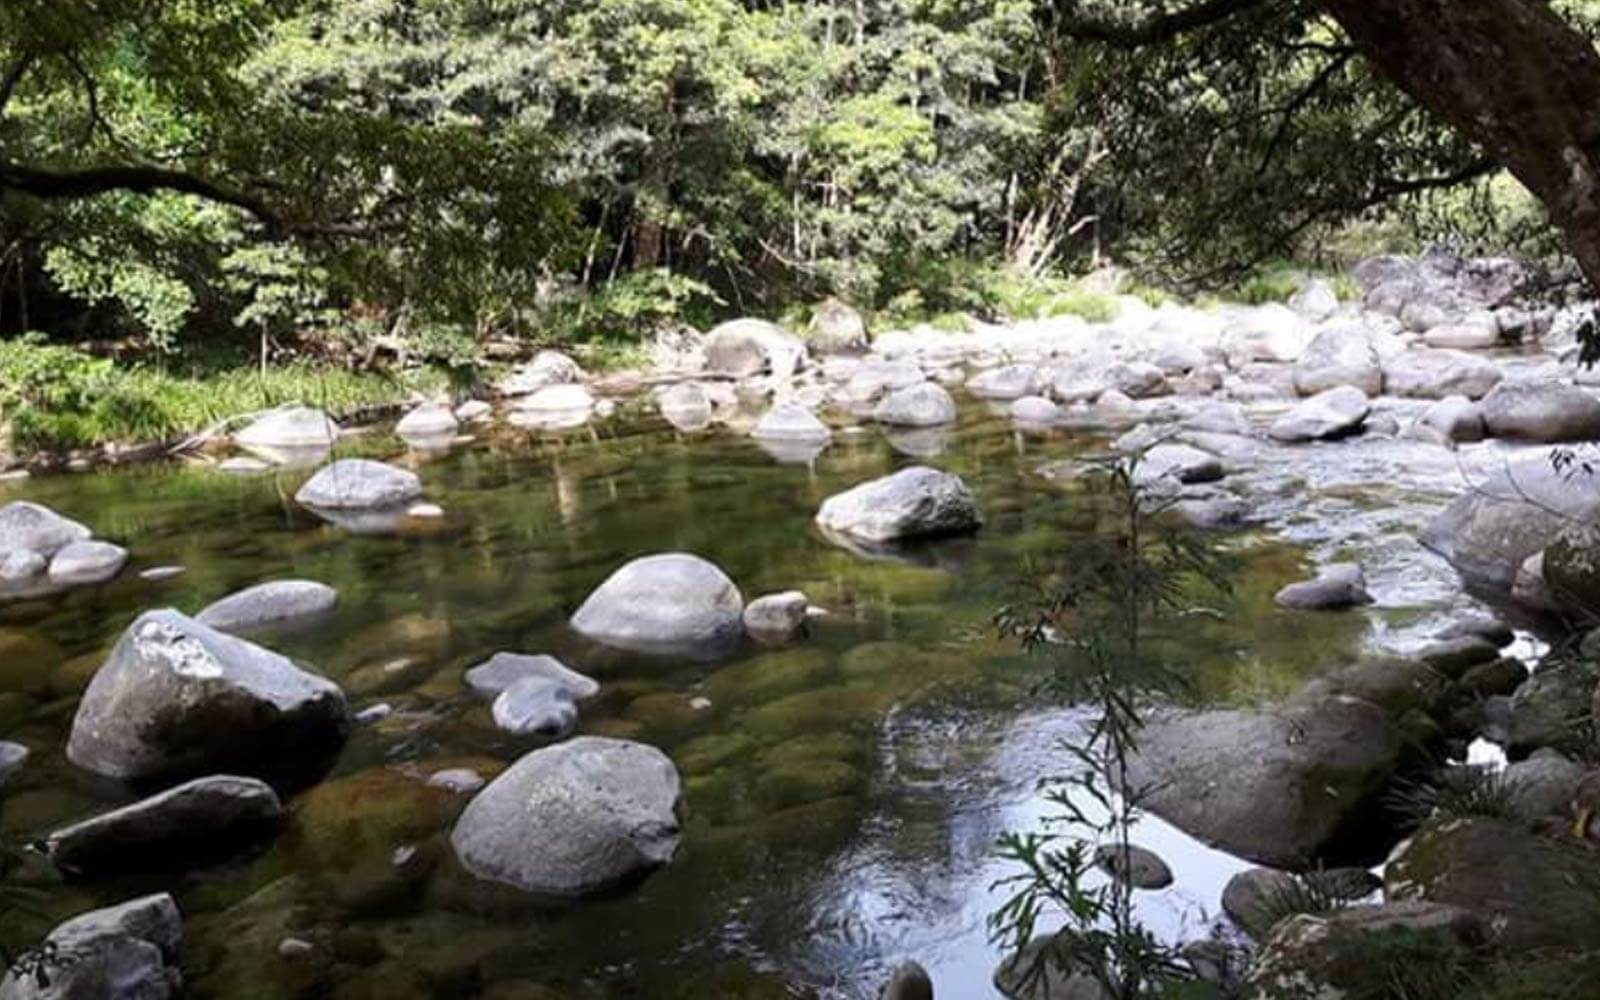 Mossman Gorge bei Cairns